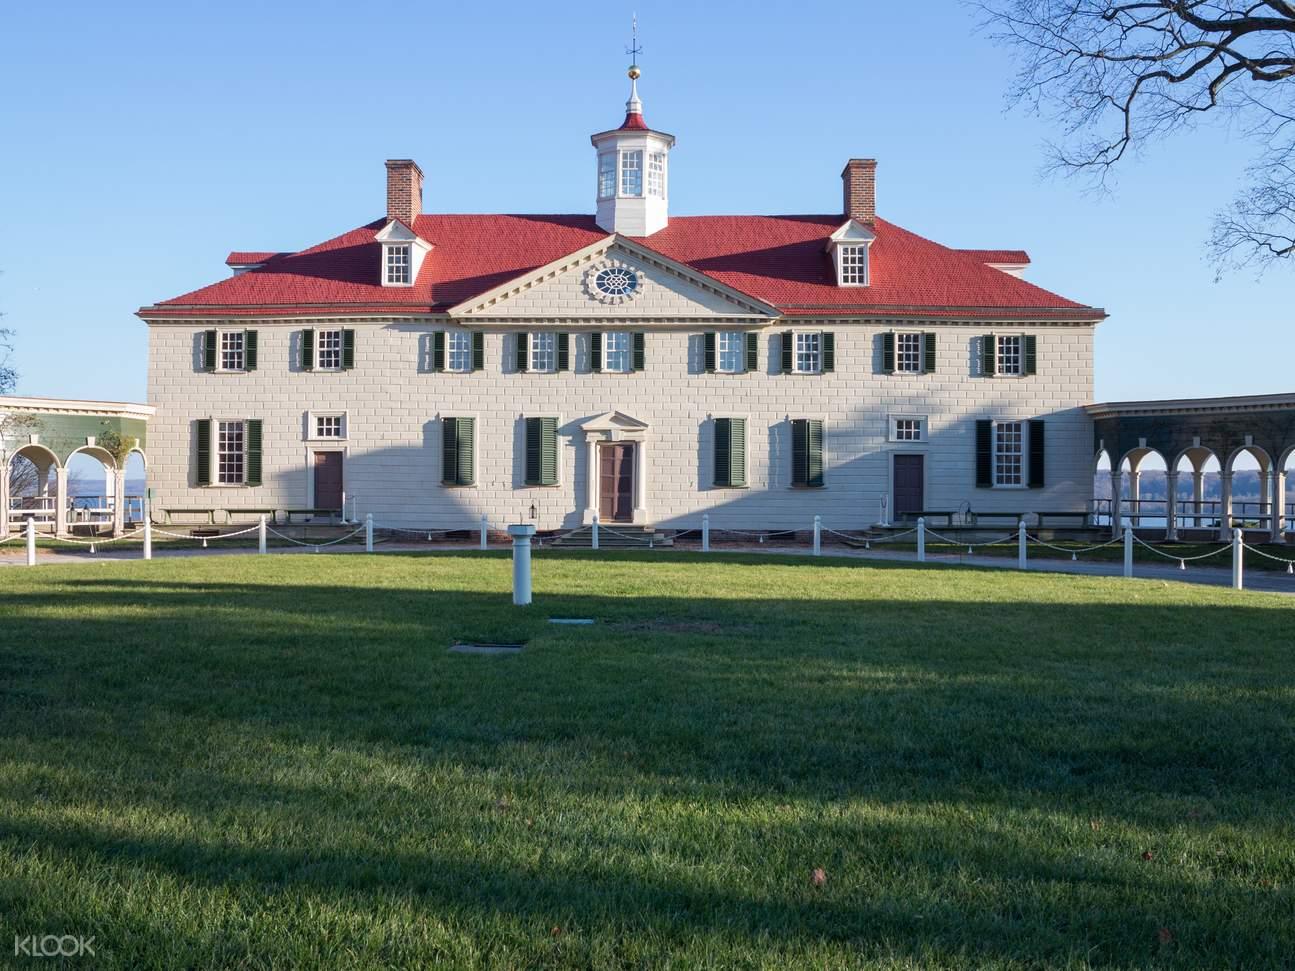 華盛頓特區景點,華盛頓特區通票,喬治·華盛頓,弗農山莊